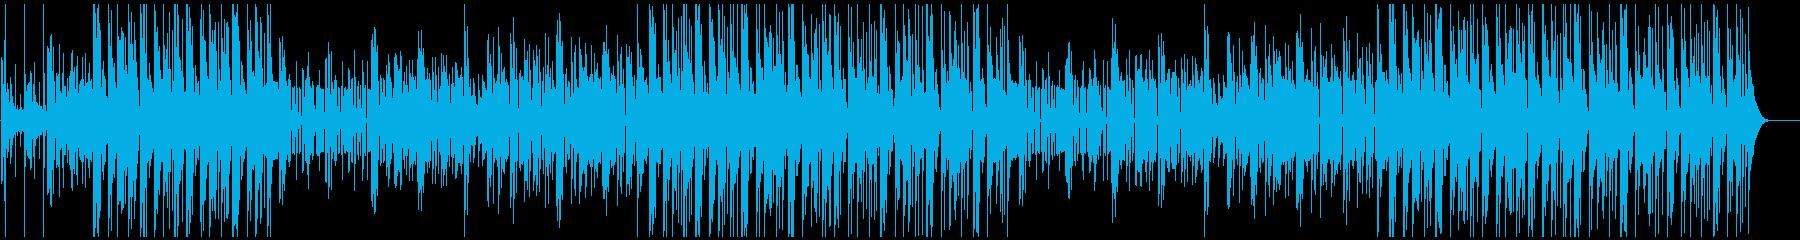 エモーショナルなTrapMusicの再生済みの波形